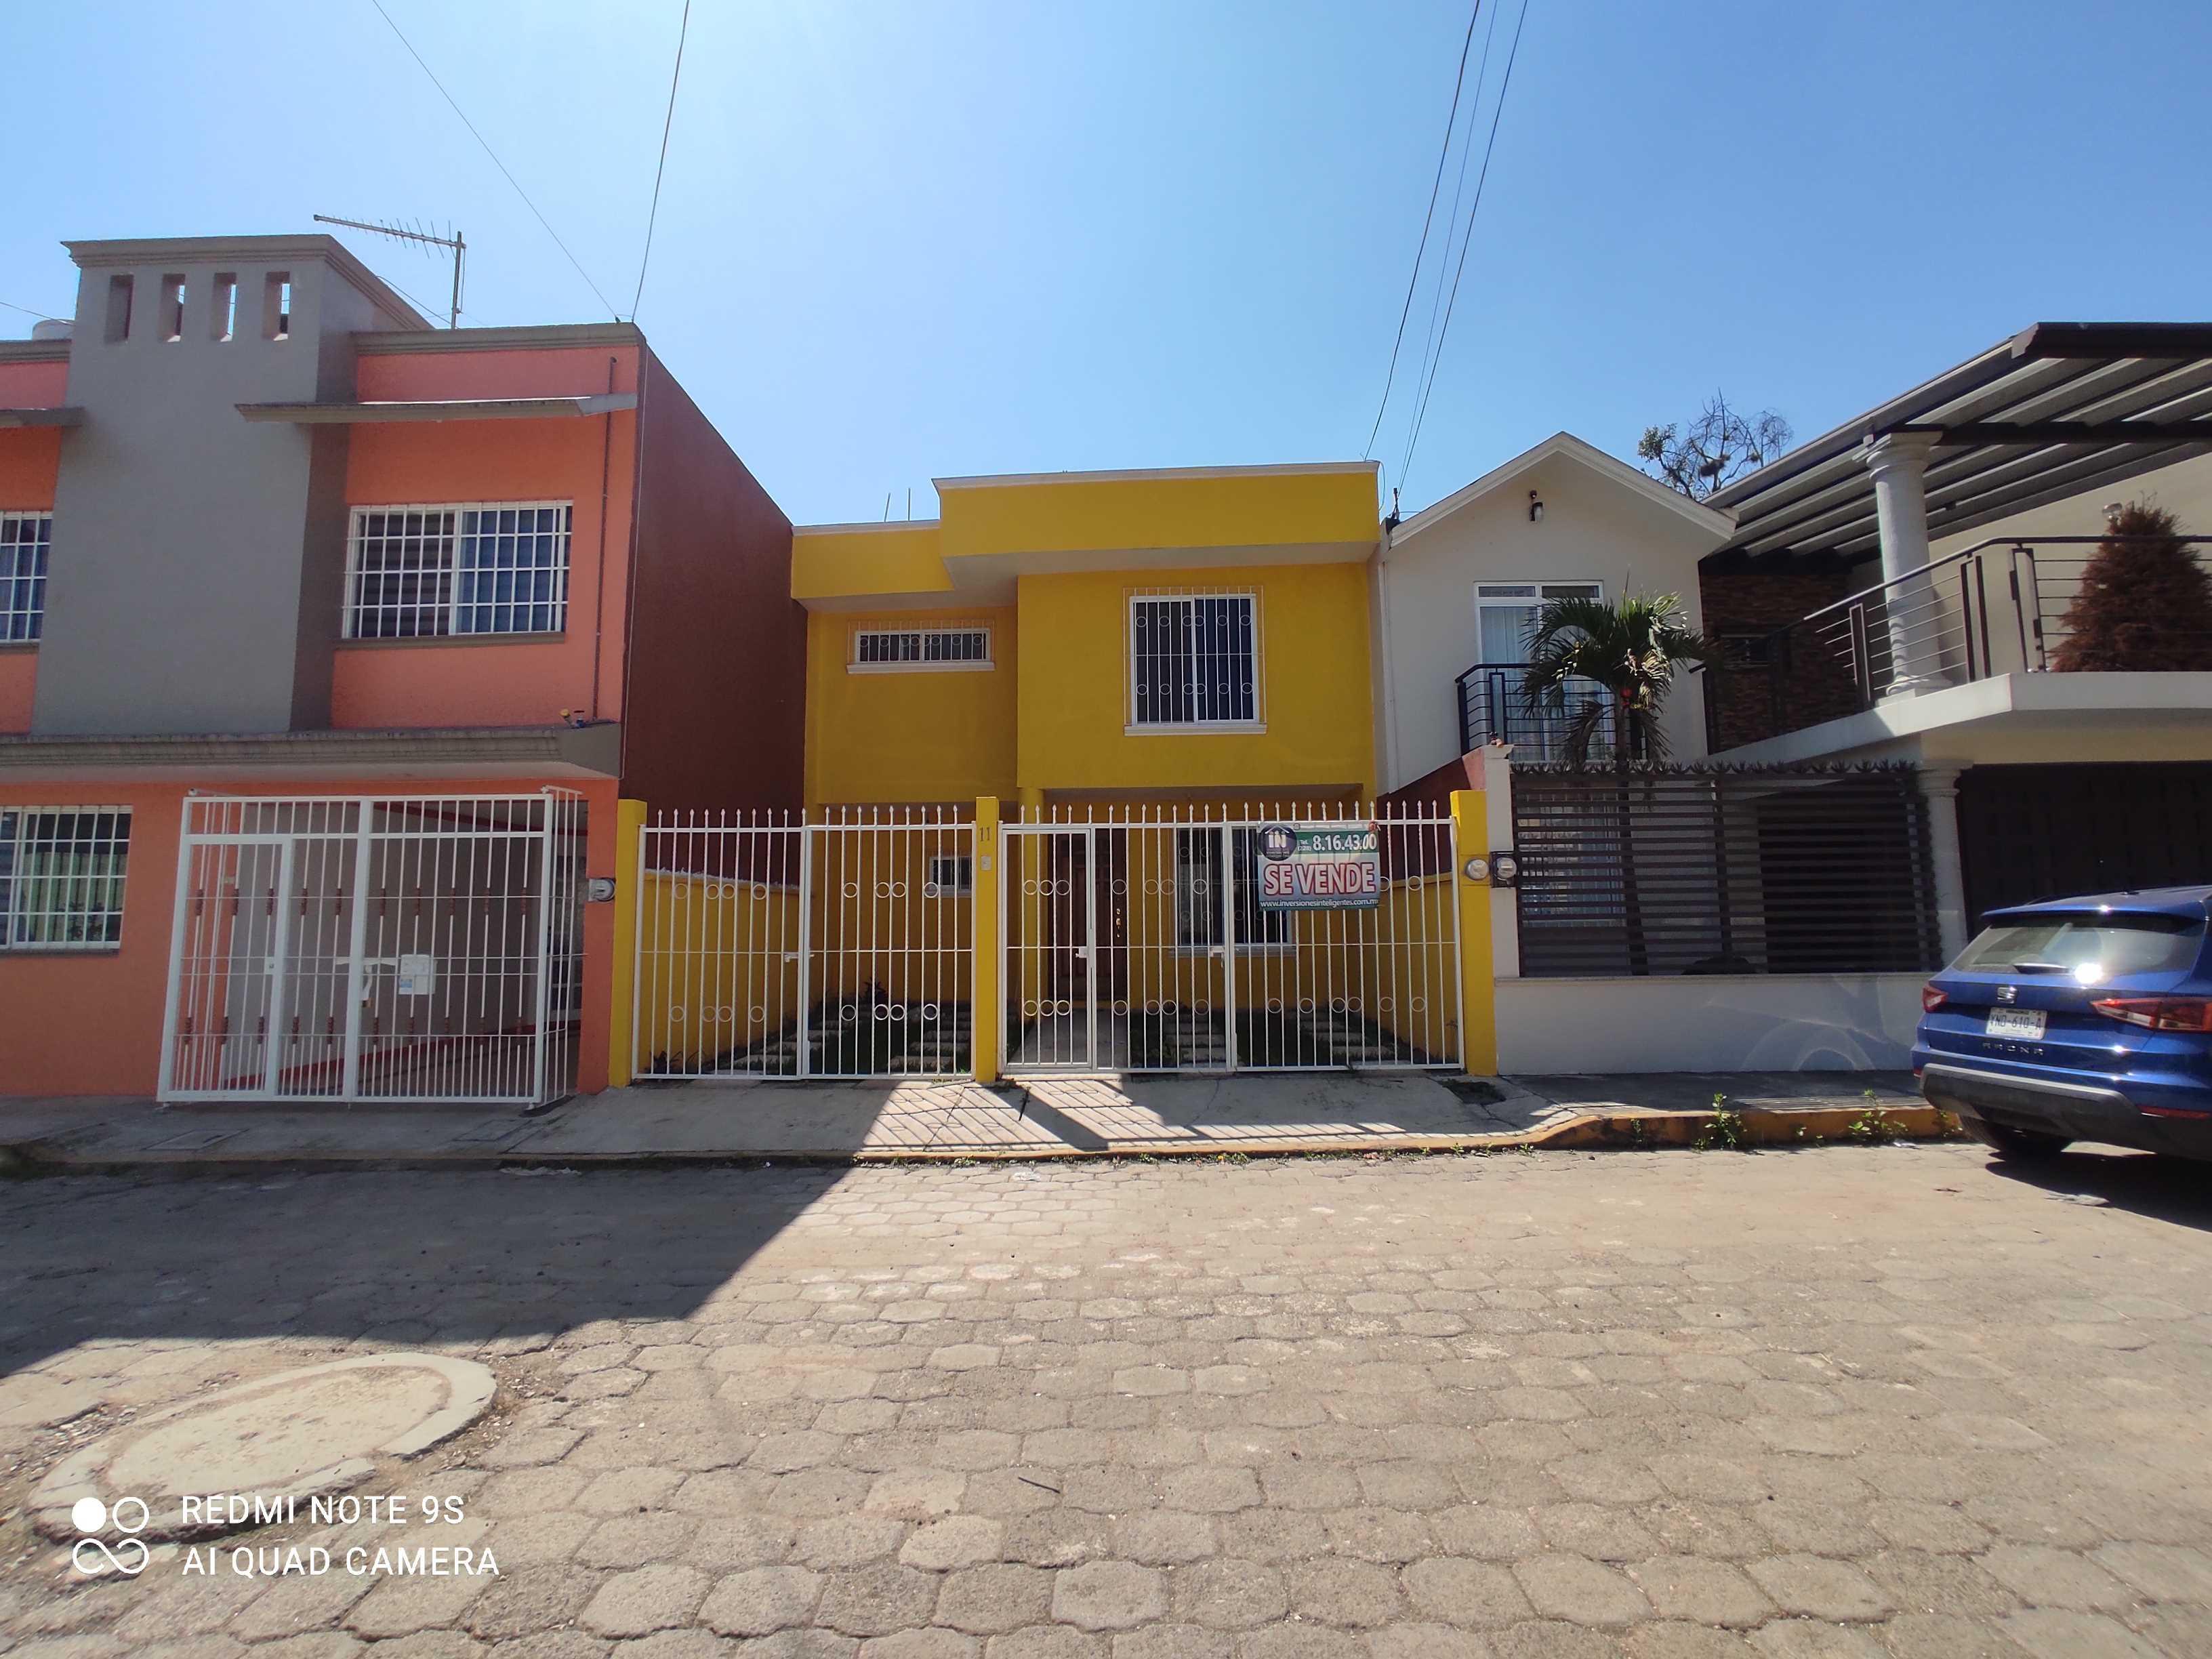 VENTA CASA COATEPEC FRACC  RIOS DE COATEPEC, TRES RECAMARAS,ESPACIOSA, A 3 MIN DE CHEDRAUI